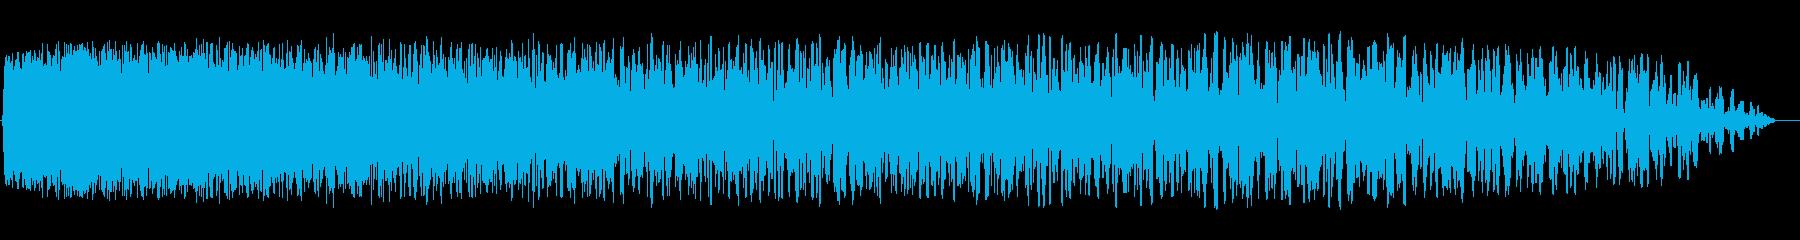 メカニカルな打ち上げ音の再生済みの波形